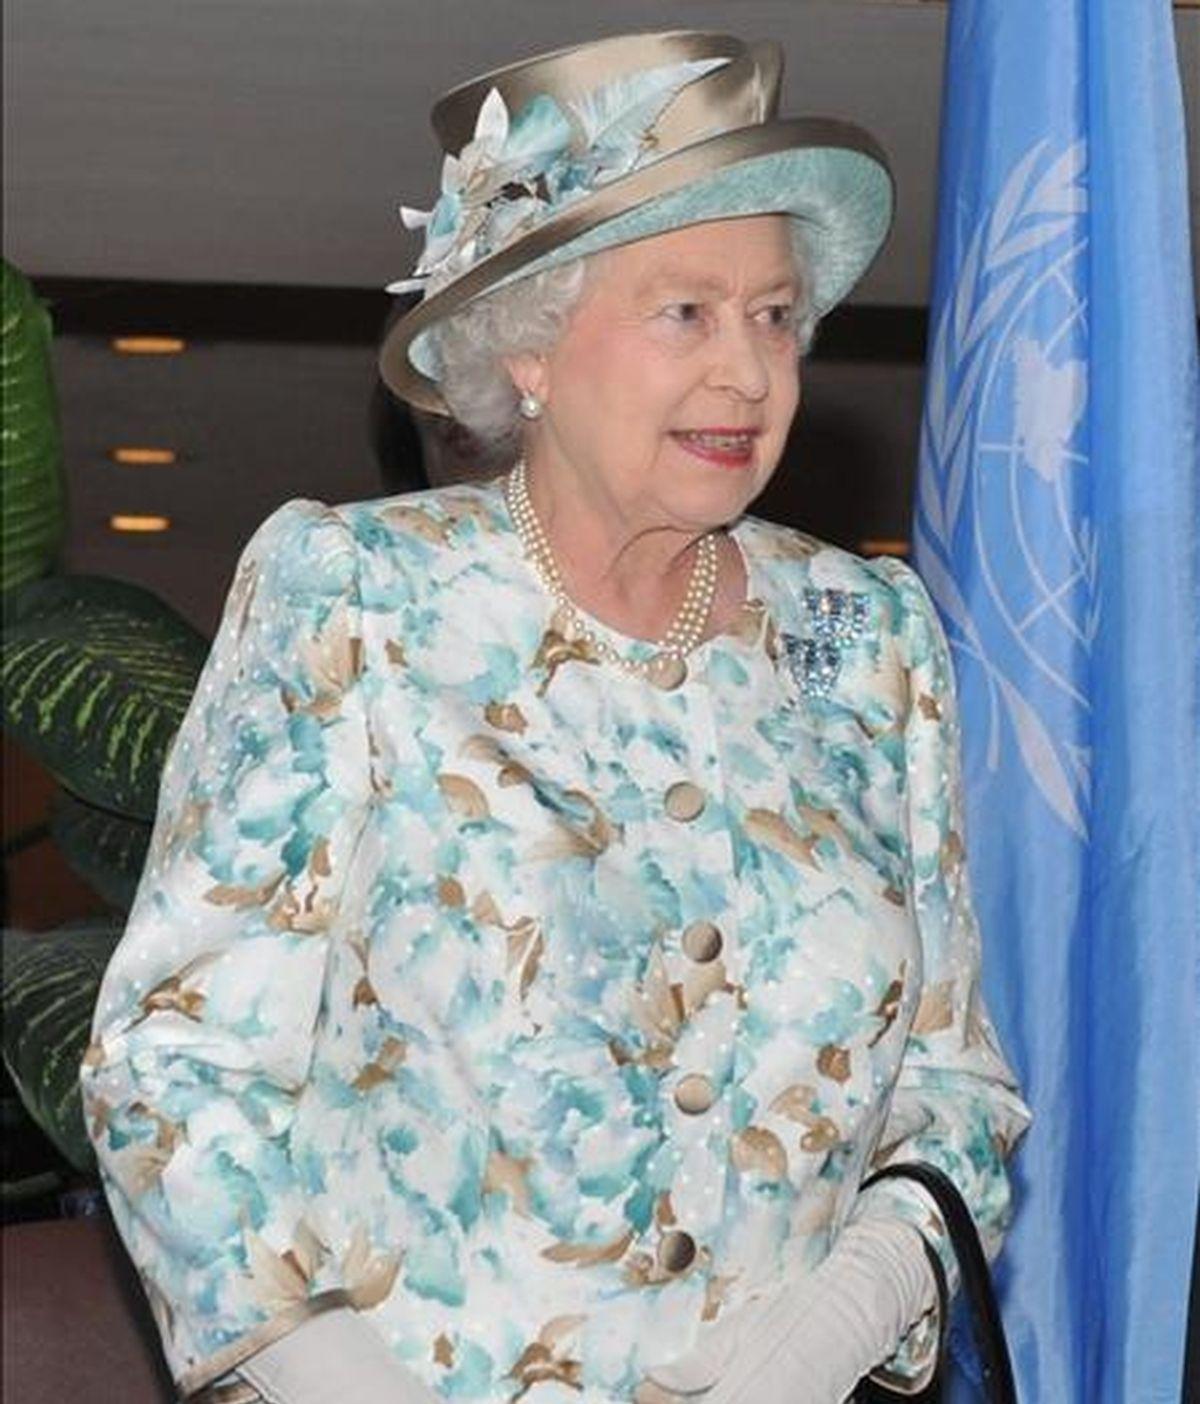 La reina Isabel II de Inglaterra. EFE/Archivo